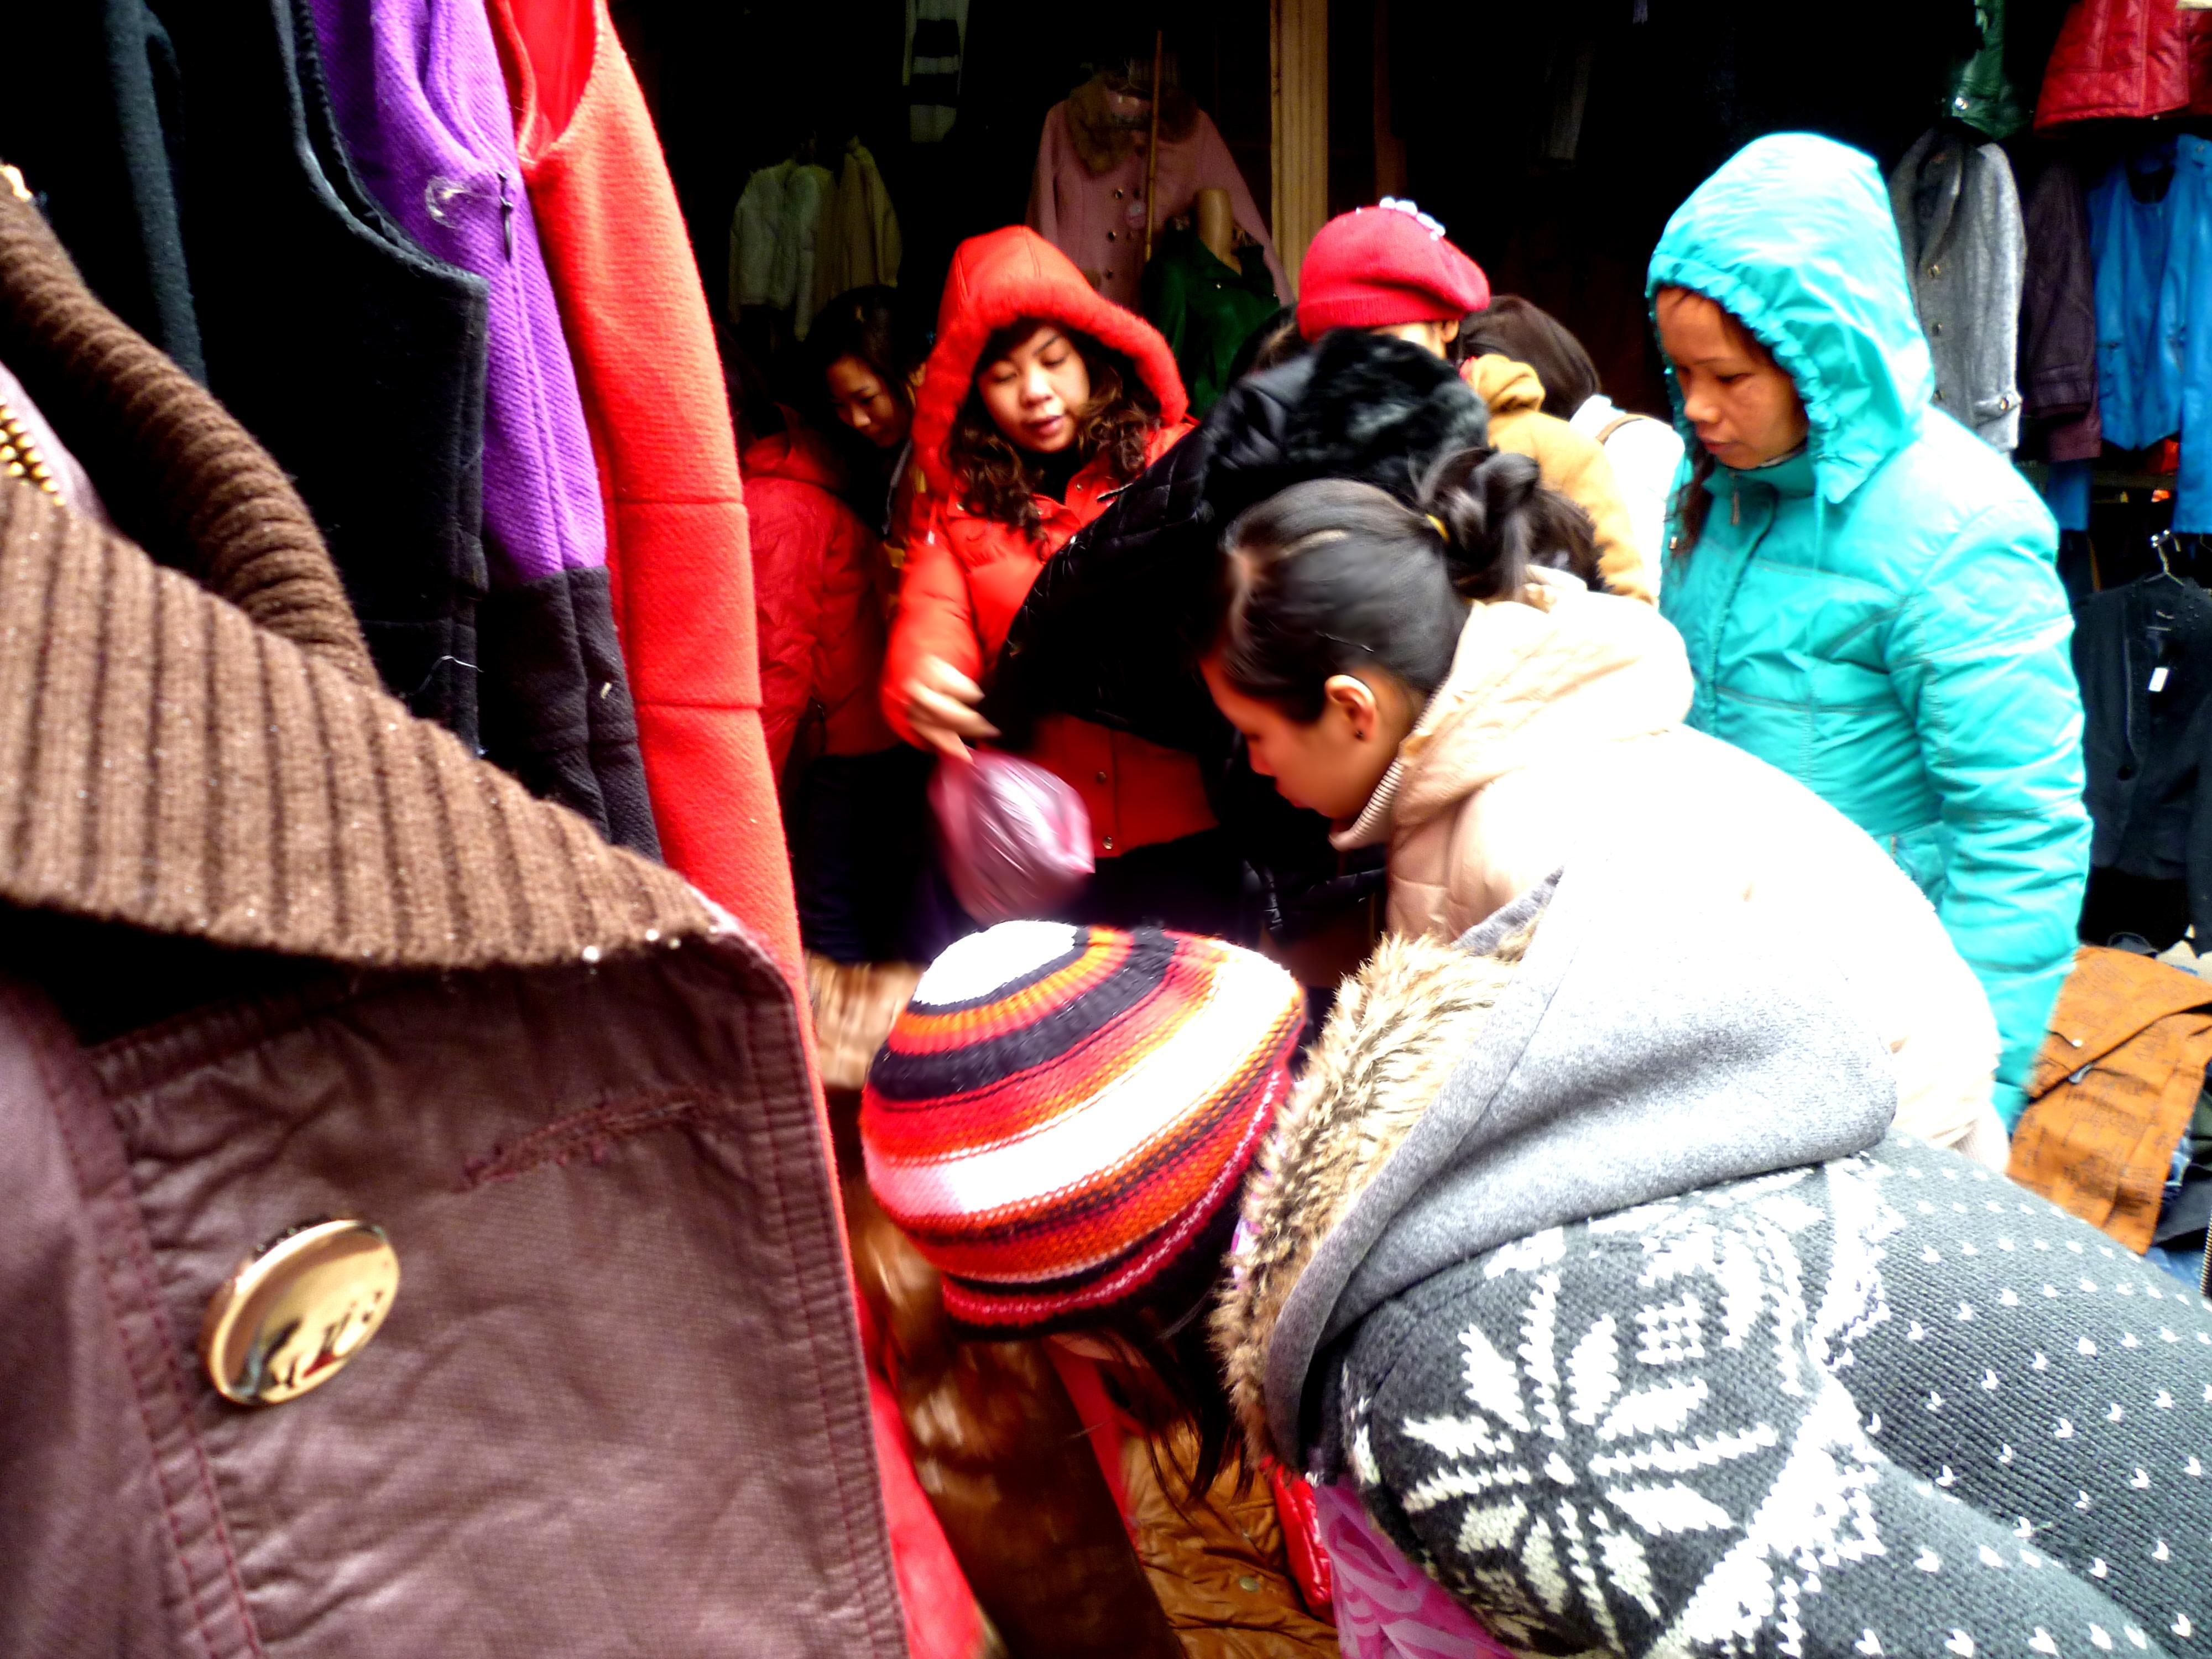 Hình ảnh Cuối năm: Vào chợ đầu mối, săn quần áo giá rẻ số 5